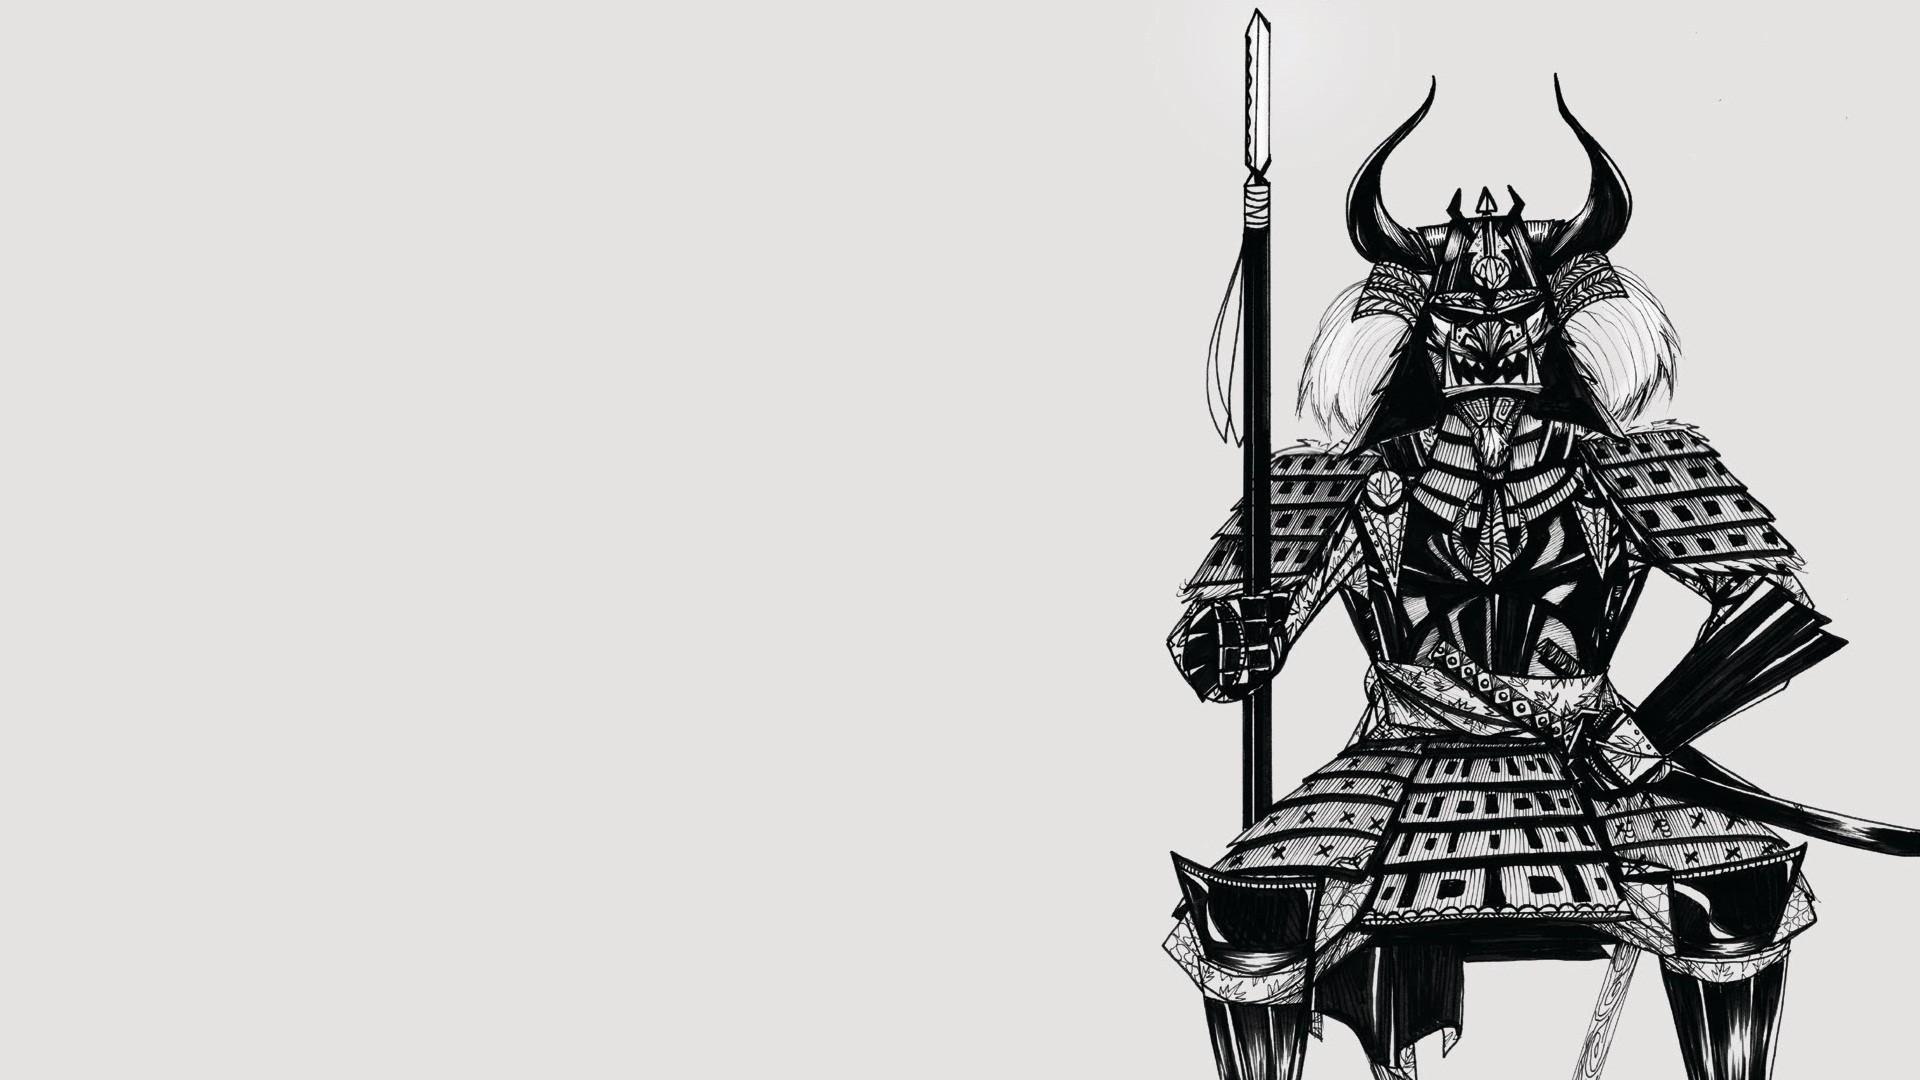 Samurai Reincarnation Wallpaper   HD Desktop Wallpapers